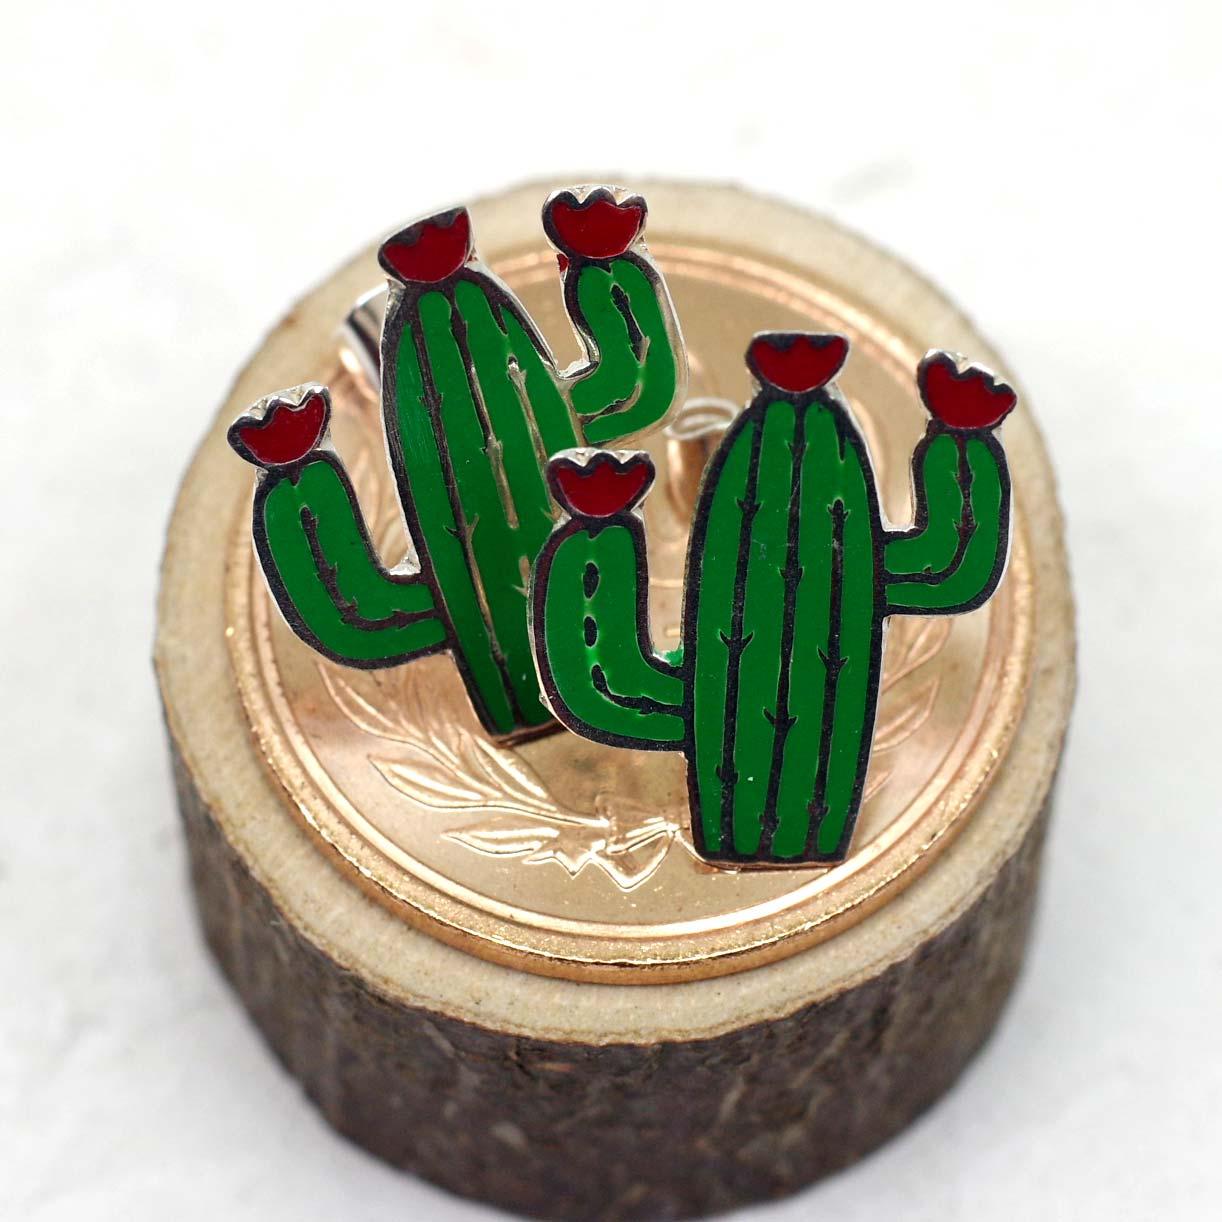 """""""サボテンピアス,サボテン,カクタス,植物,多肉植物,ピアス,シルバー925,シルバー,メキシコ雑貨,メキシコ雑貨PAD"""""""